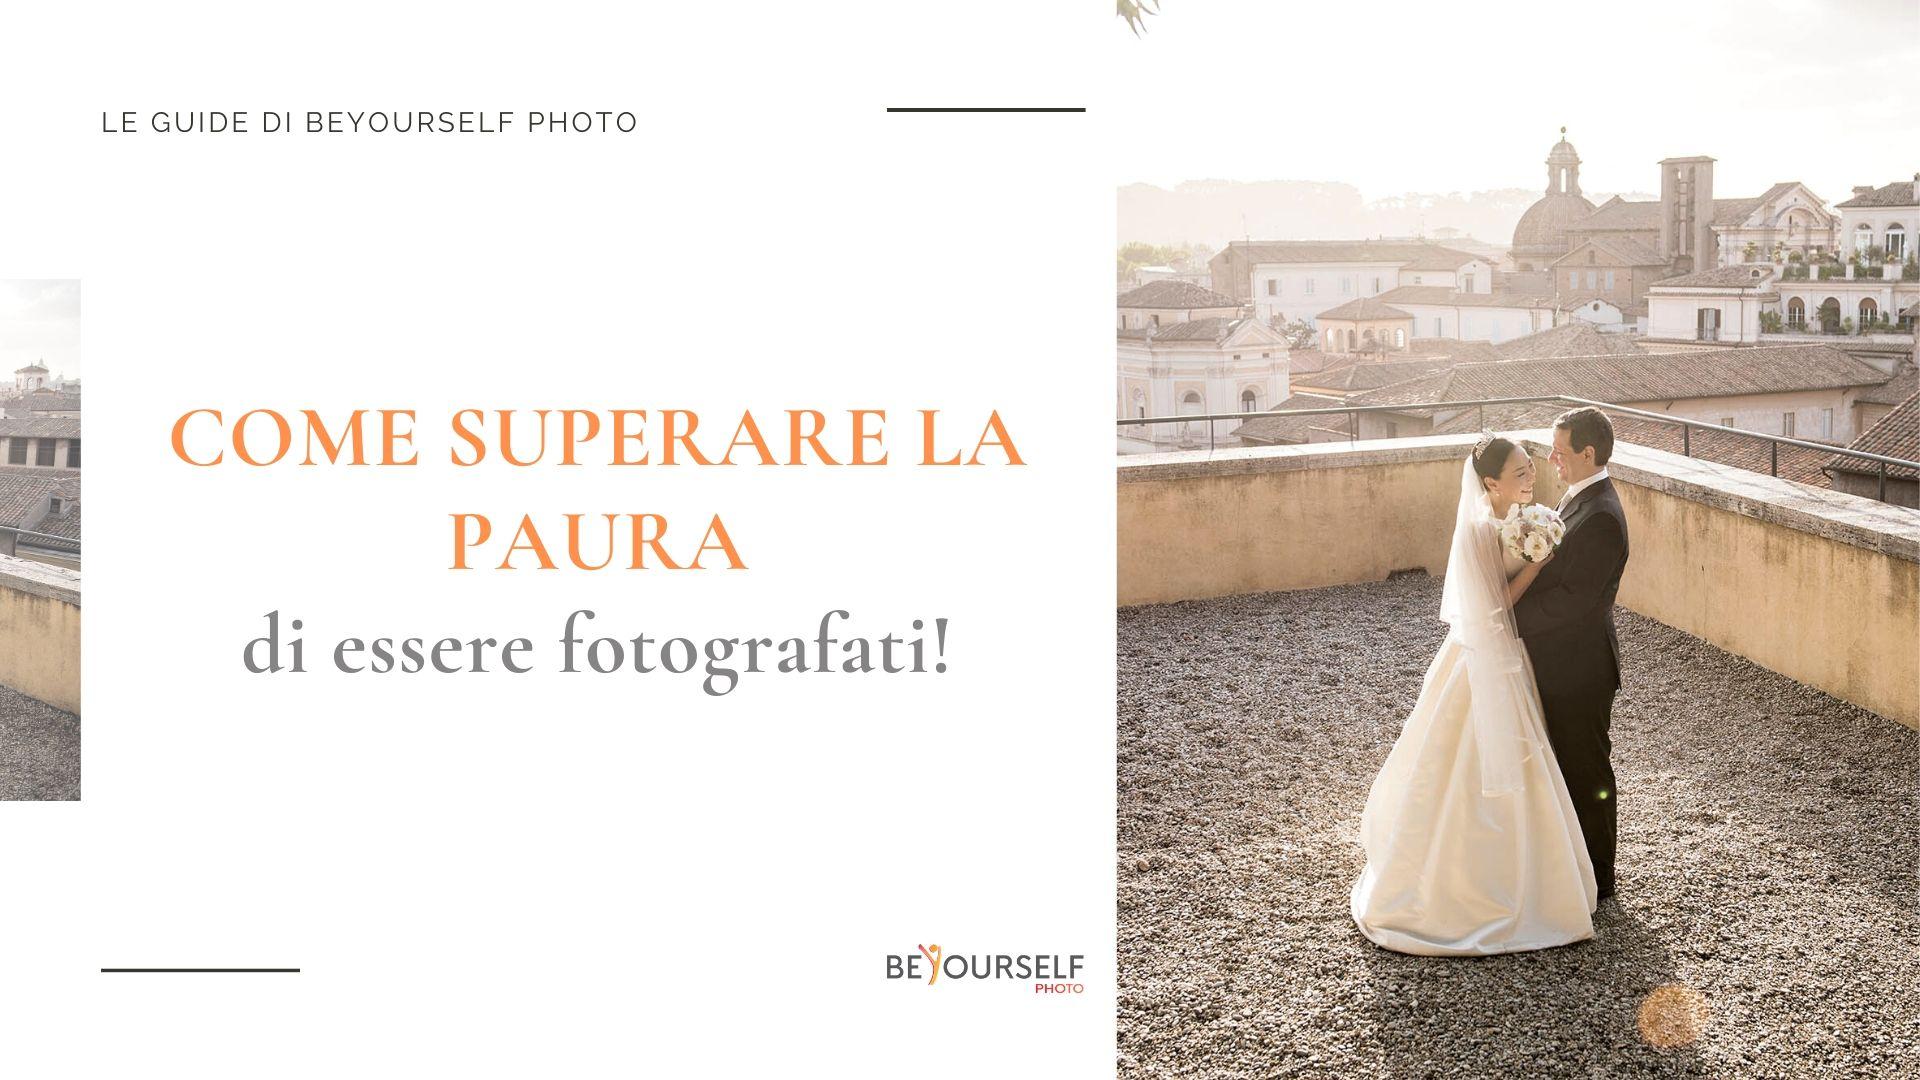 bys-guida_paura-di-ess-fotografati_